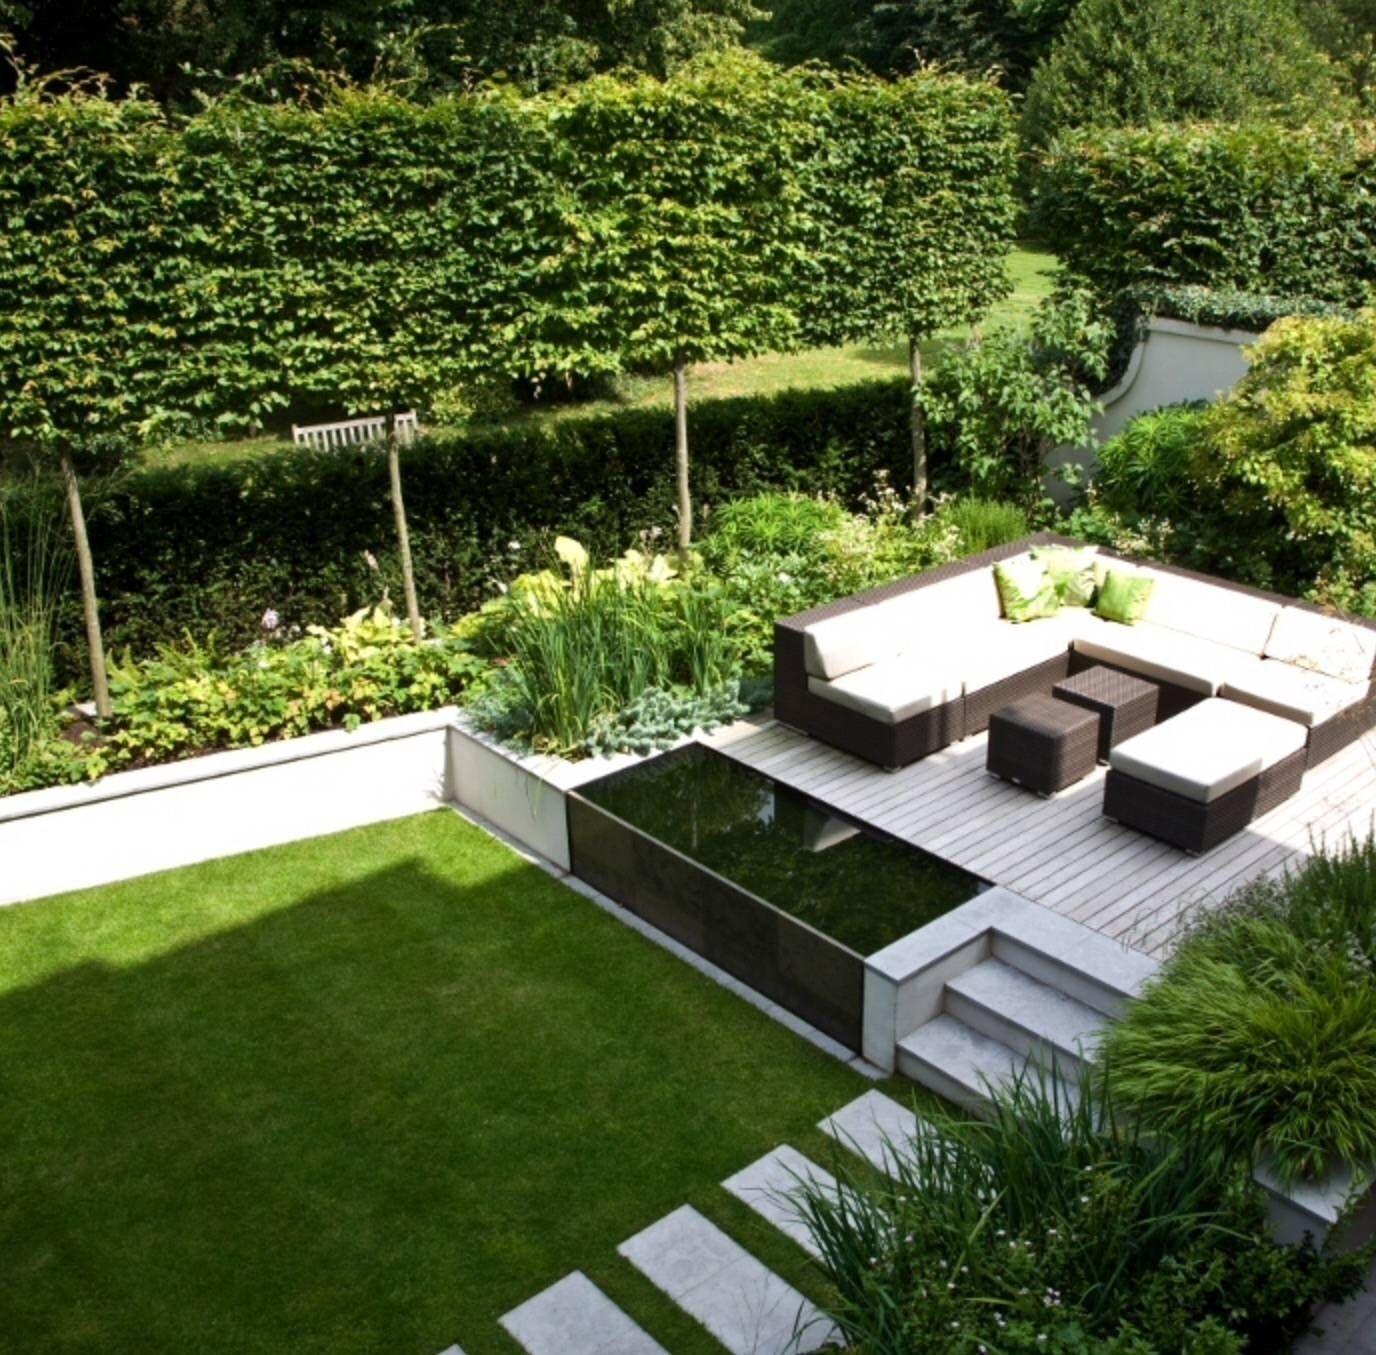 Oase Terrassen aus dem garten wird eine oase : terrasse von paul marie creation